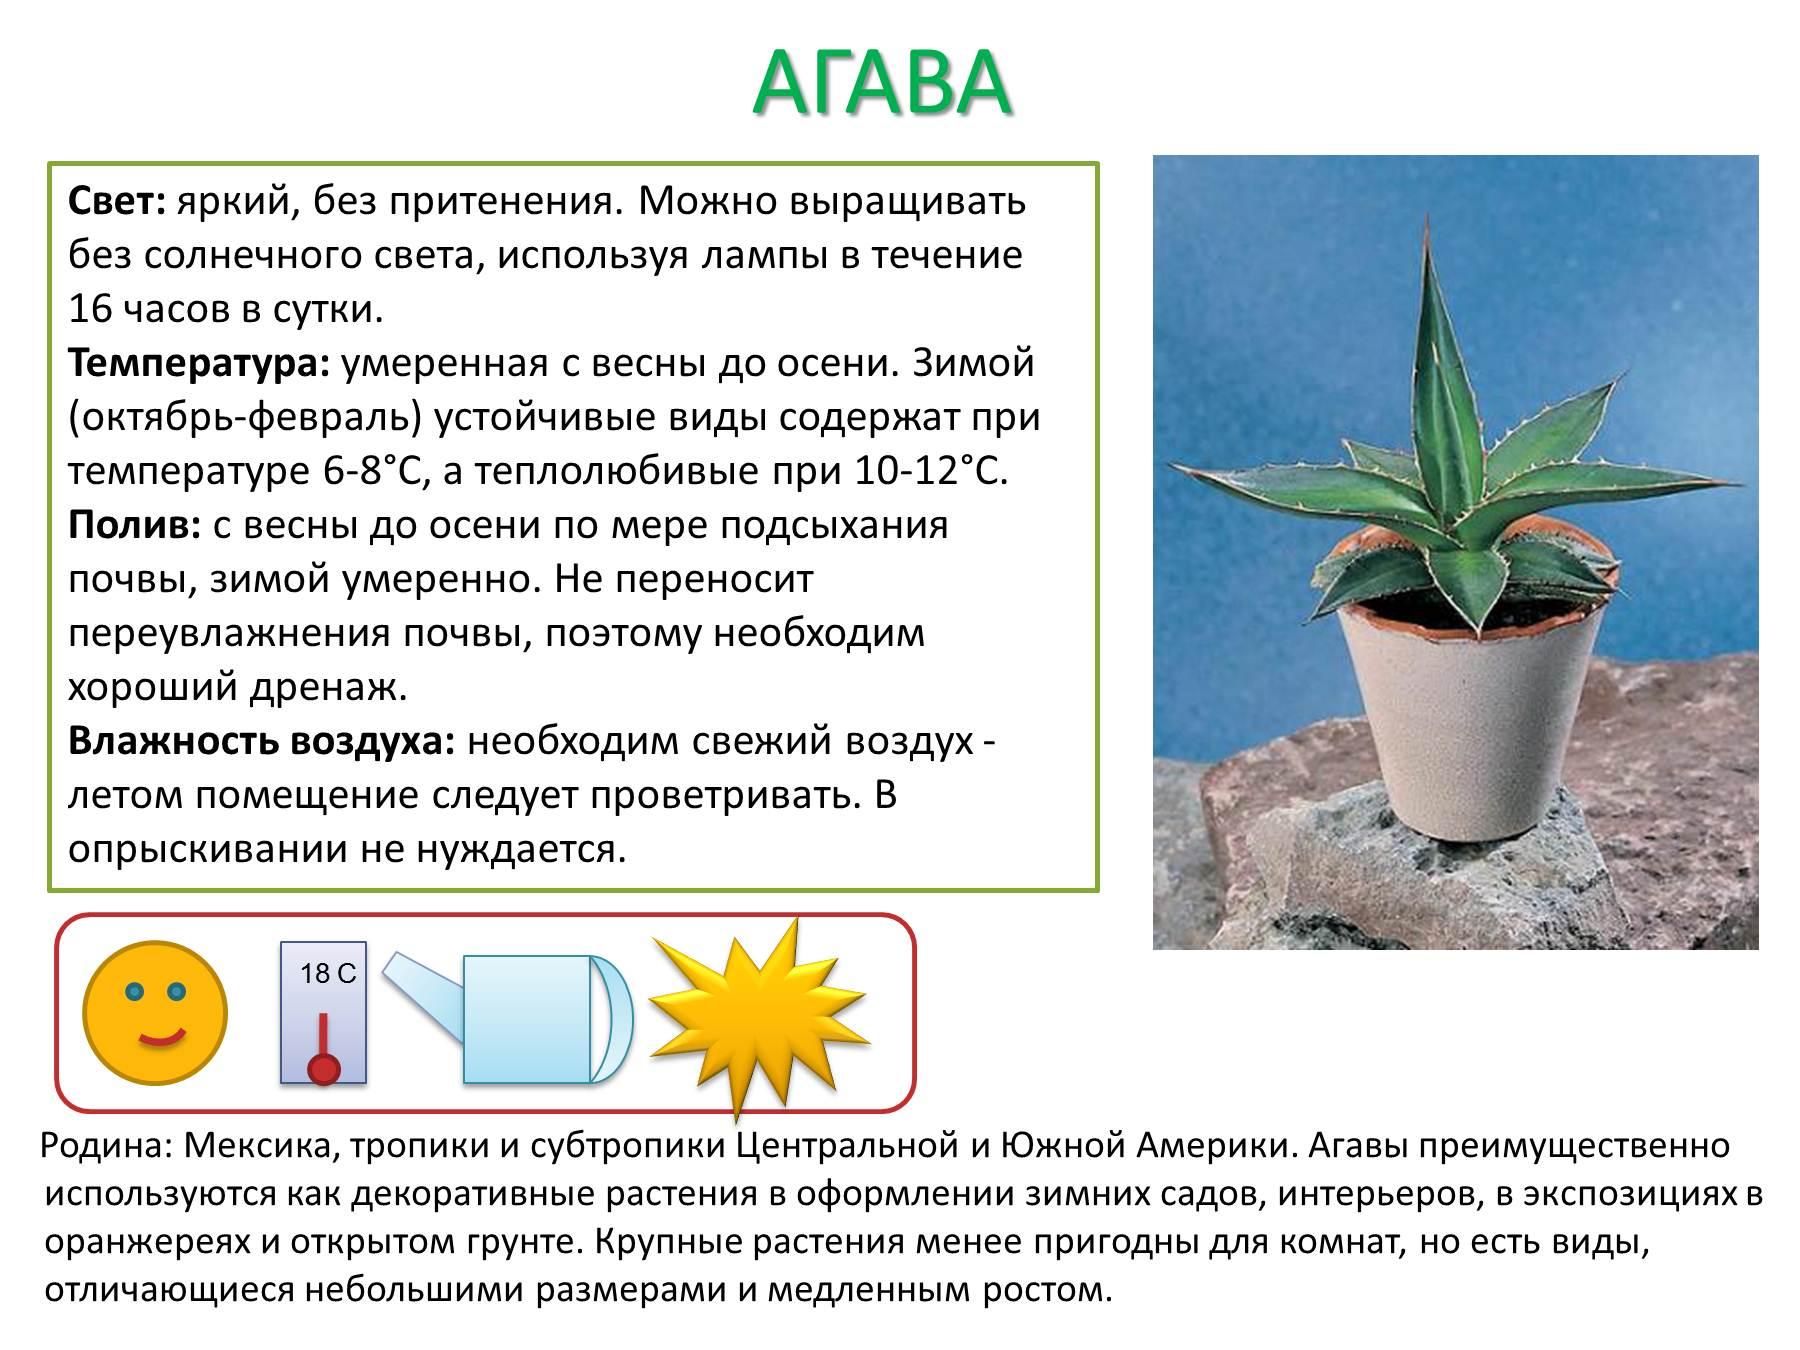 Схема и описание комнатных растений